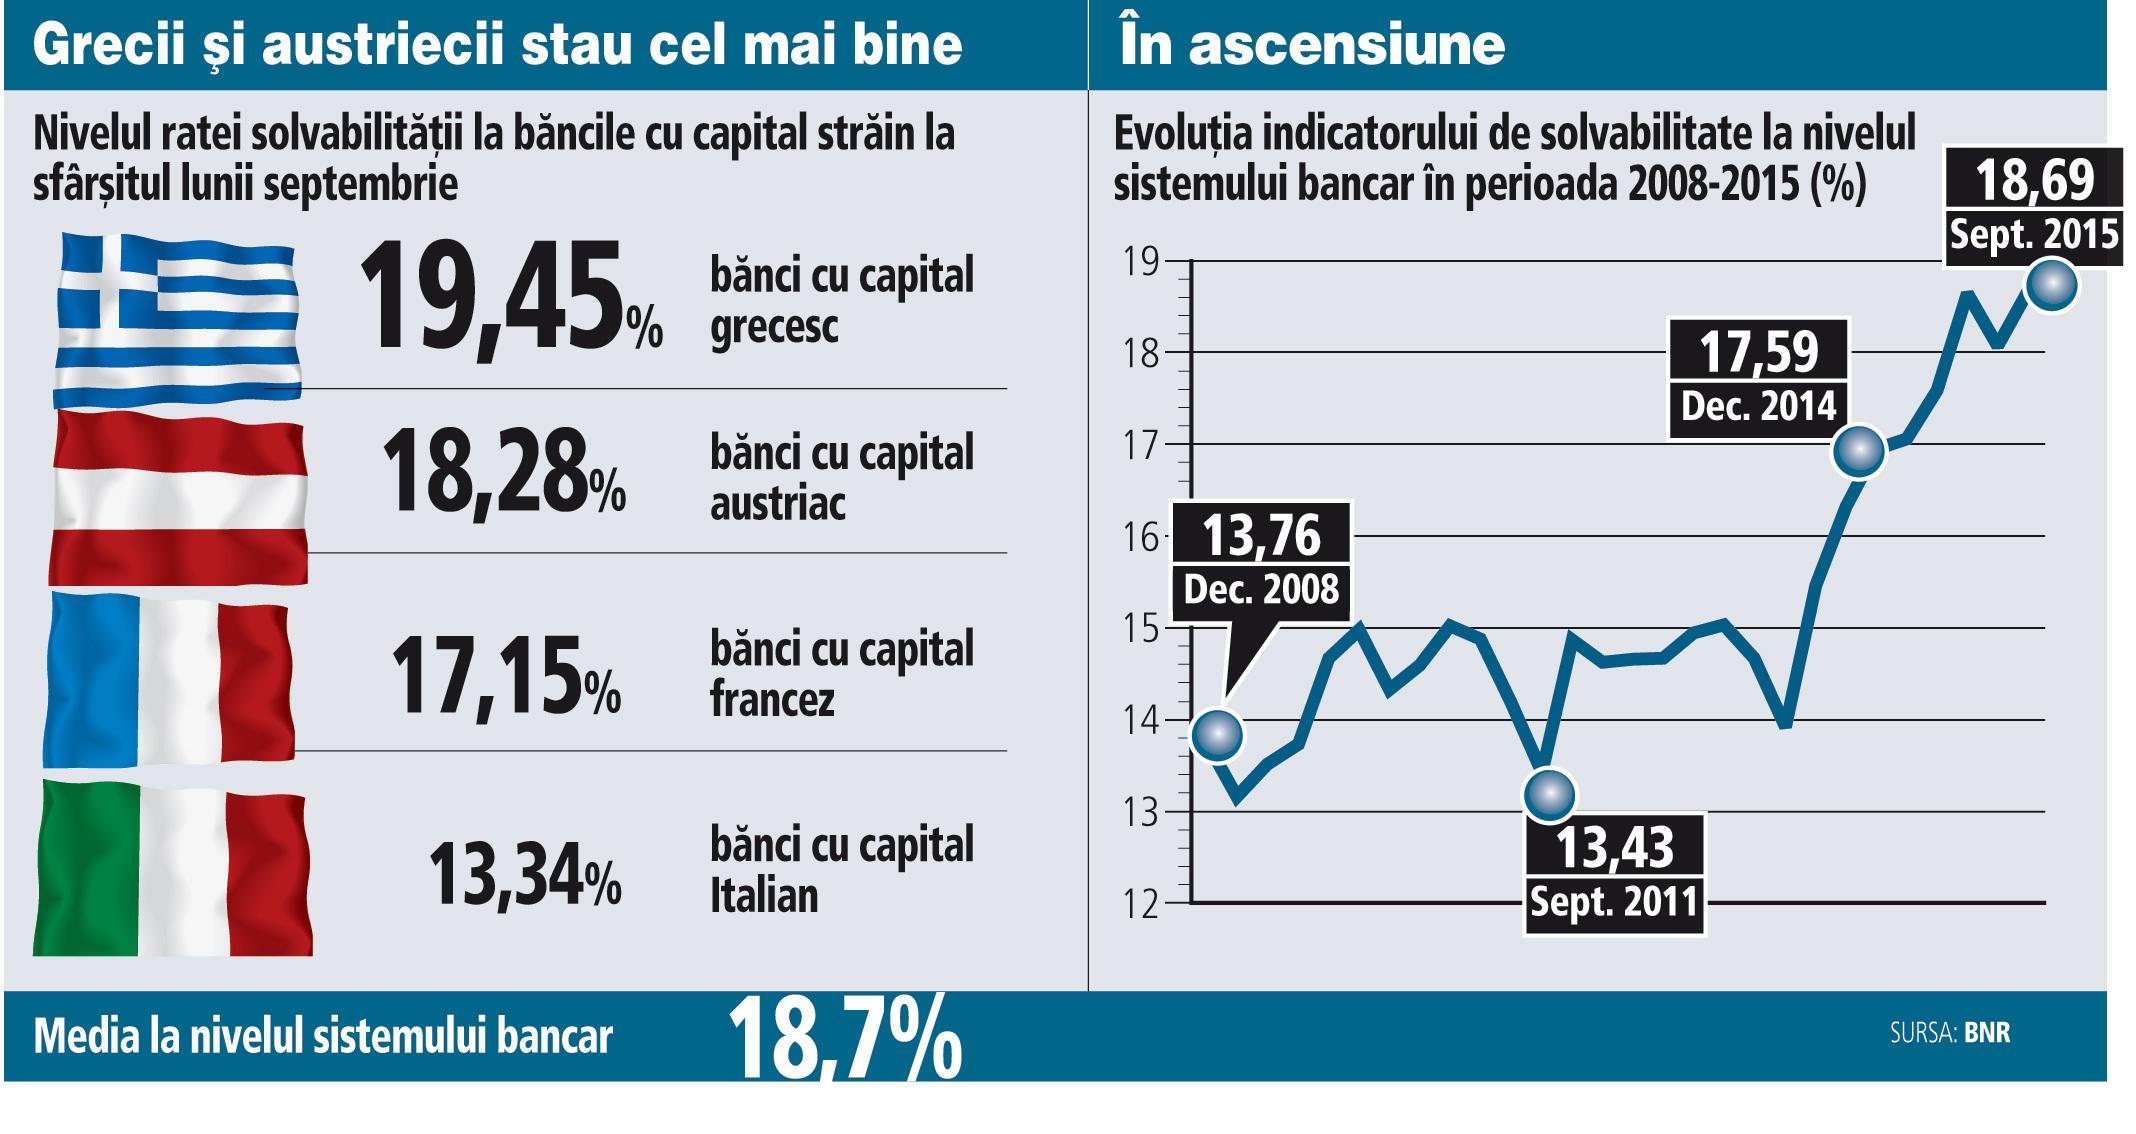 Evoluţia indicatorului de solvabilitate la nivelul sistemului bancar în perioada 2008-2015